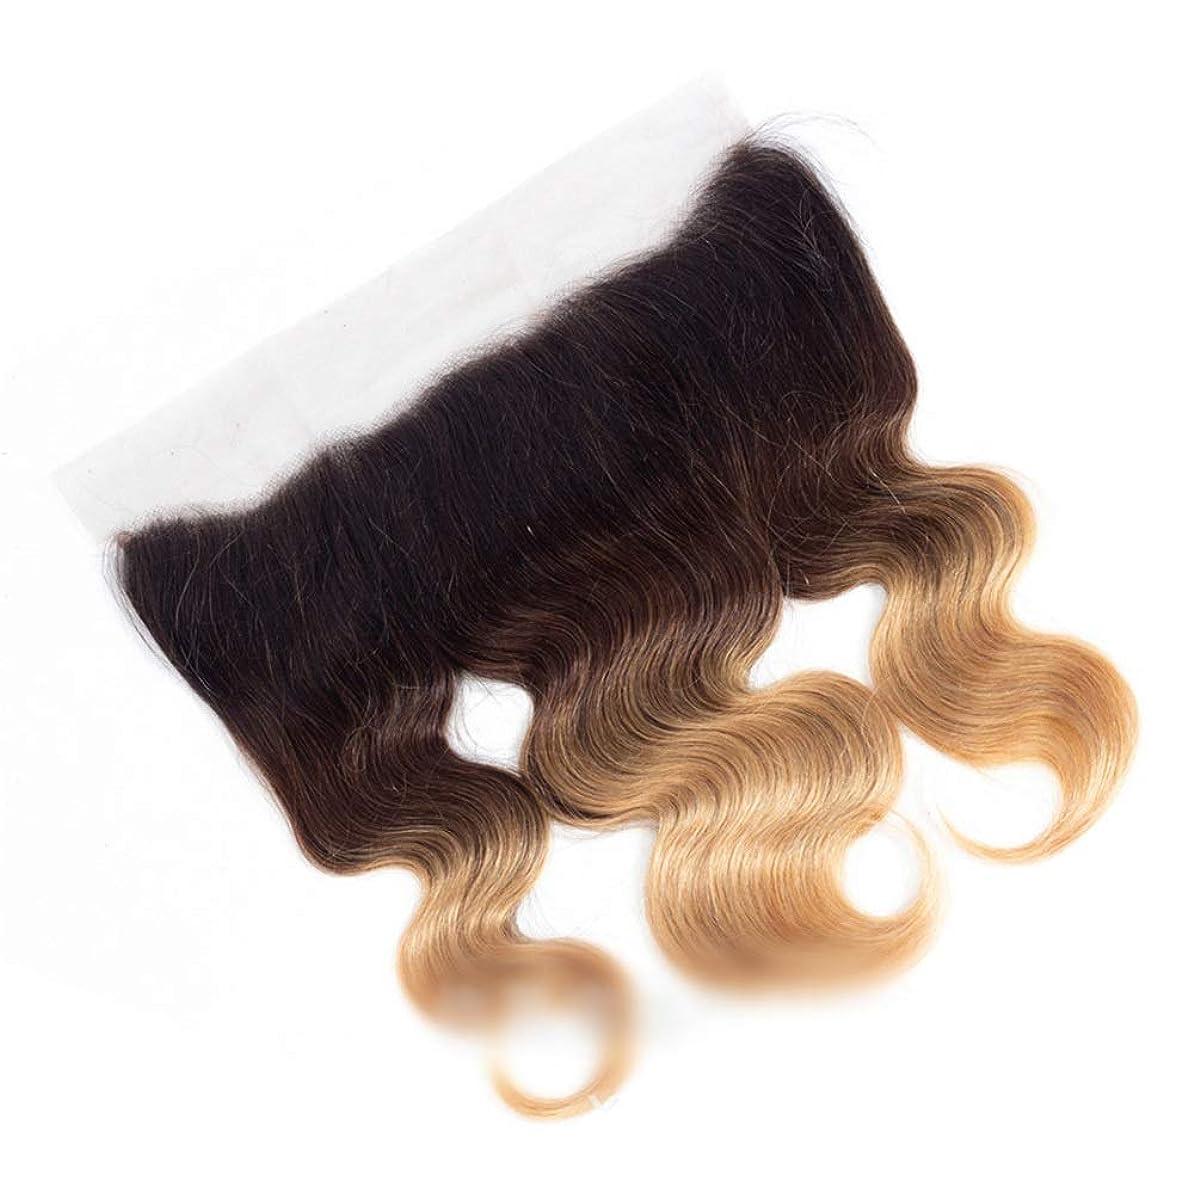 スポンジパーチナシティ低いYESONEEP 13x4レース前頭閉鎖ブラジル実体波巻き毛100%人毛1B / 4/27 3トーンカラー女性のための短い巻き毛のかつら茶色のかつら (Color : ブラウン, サイズ : 10 inch)